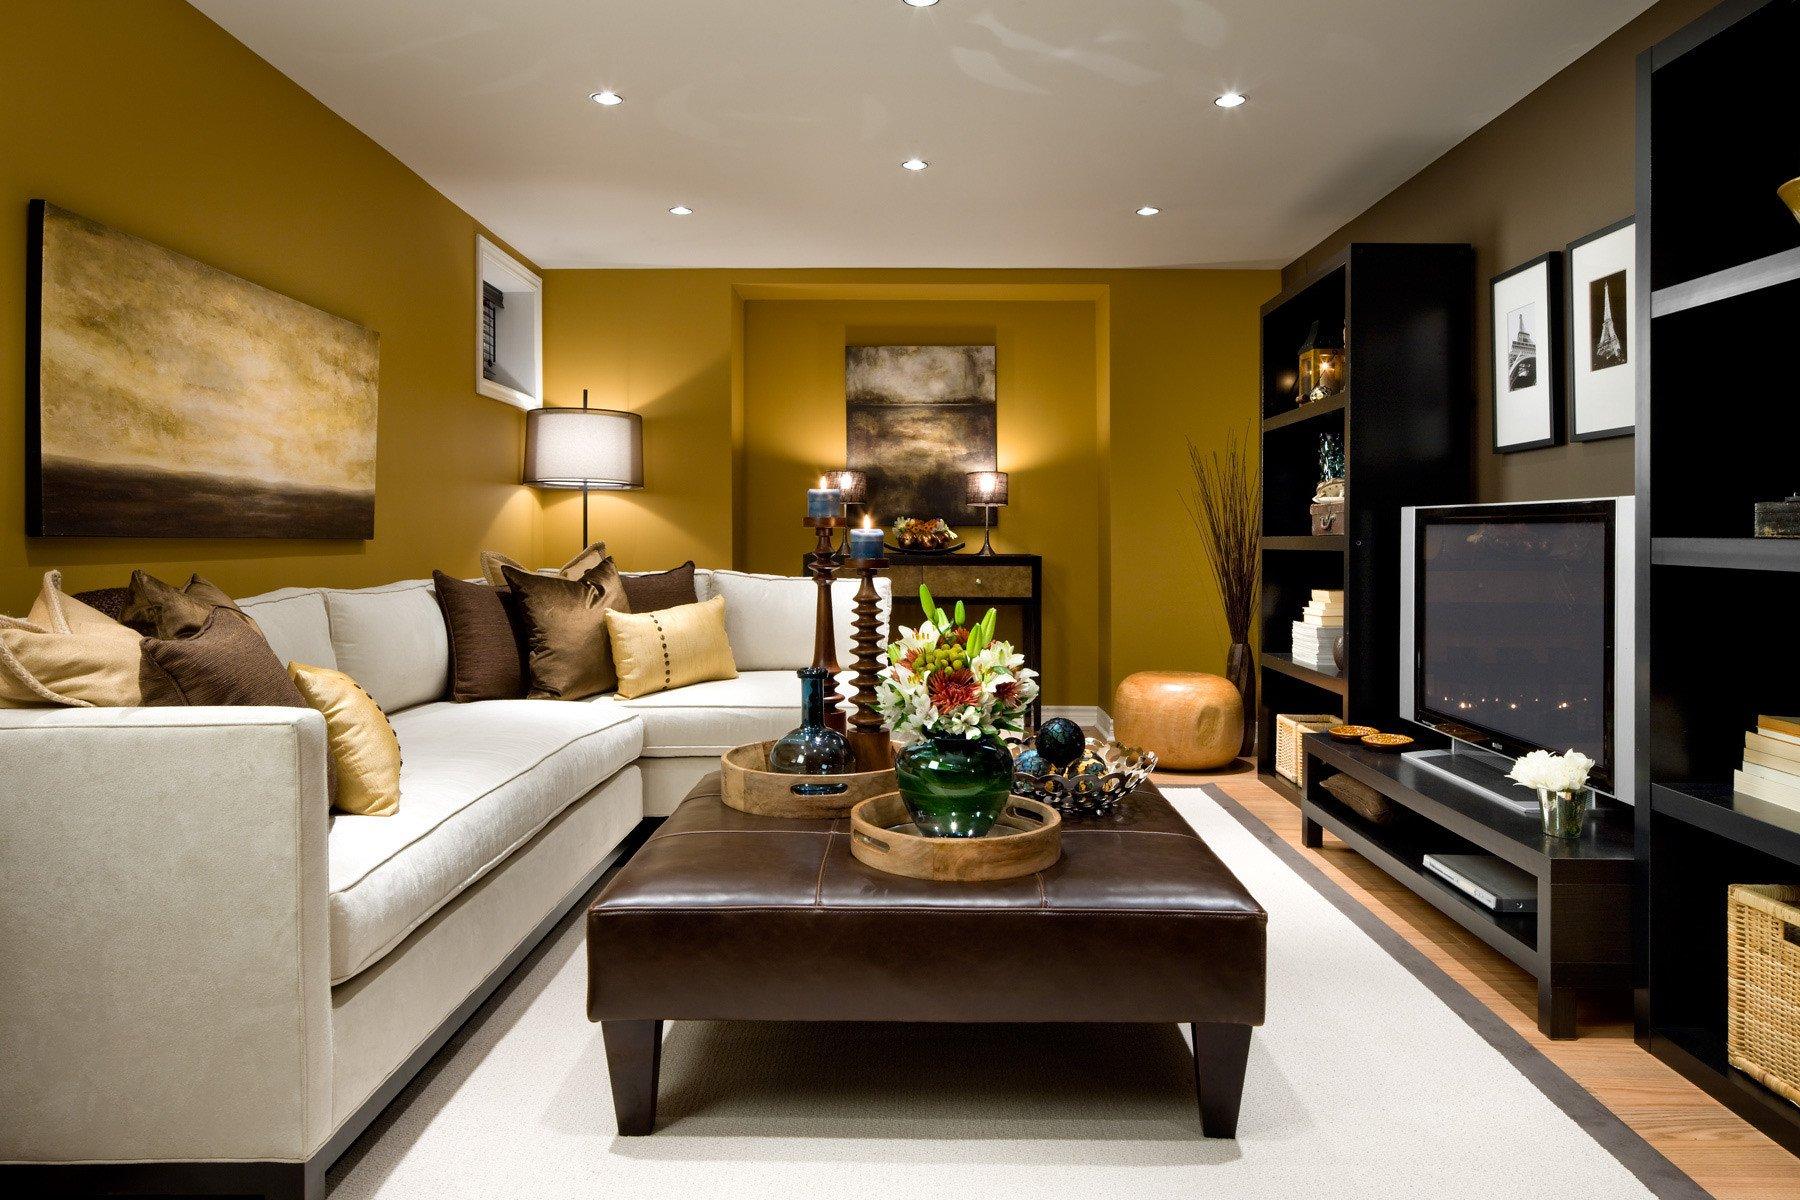 Small Living Room Setup Ideas Small Living Room Setup Ideas Zion Star